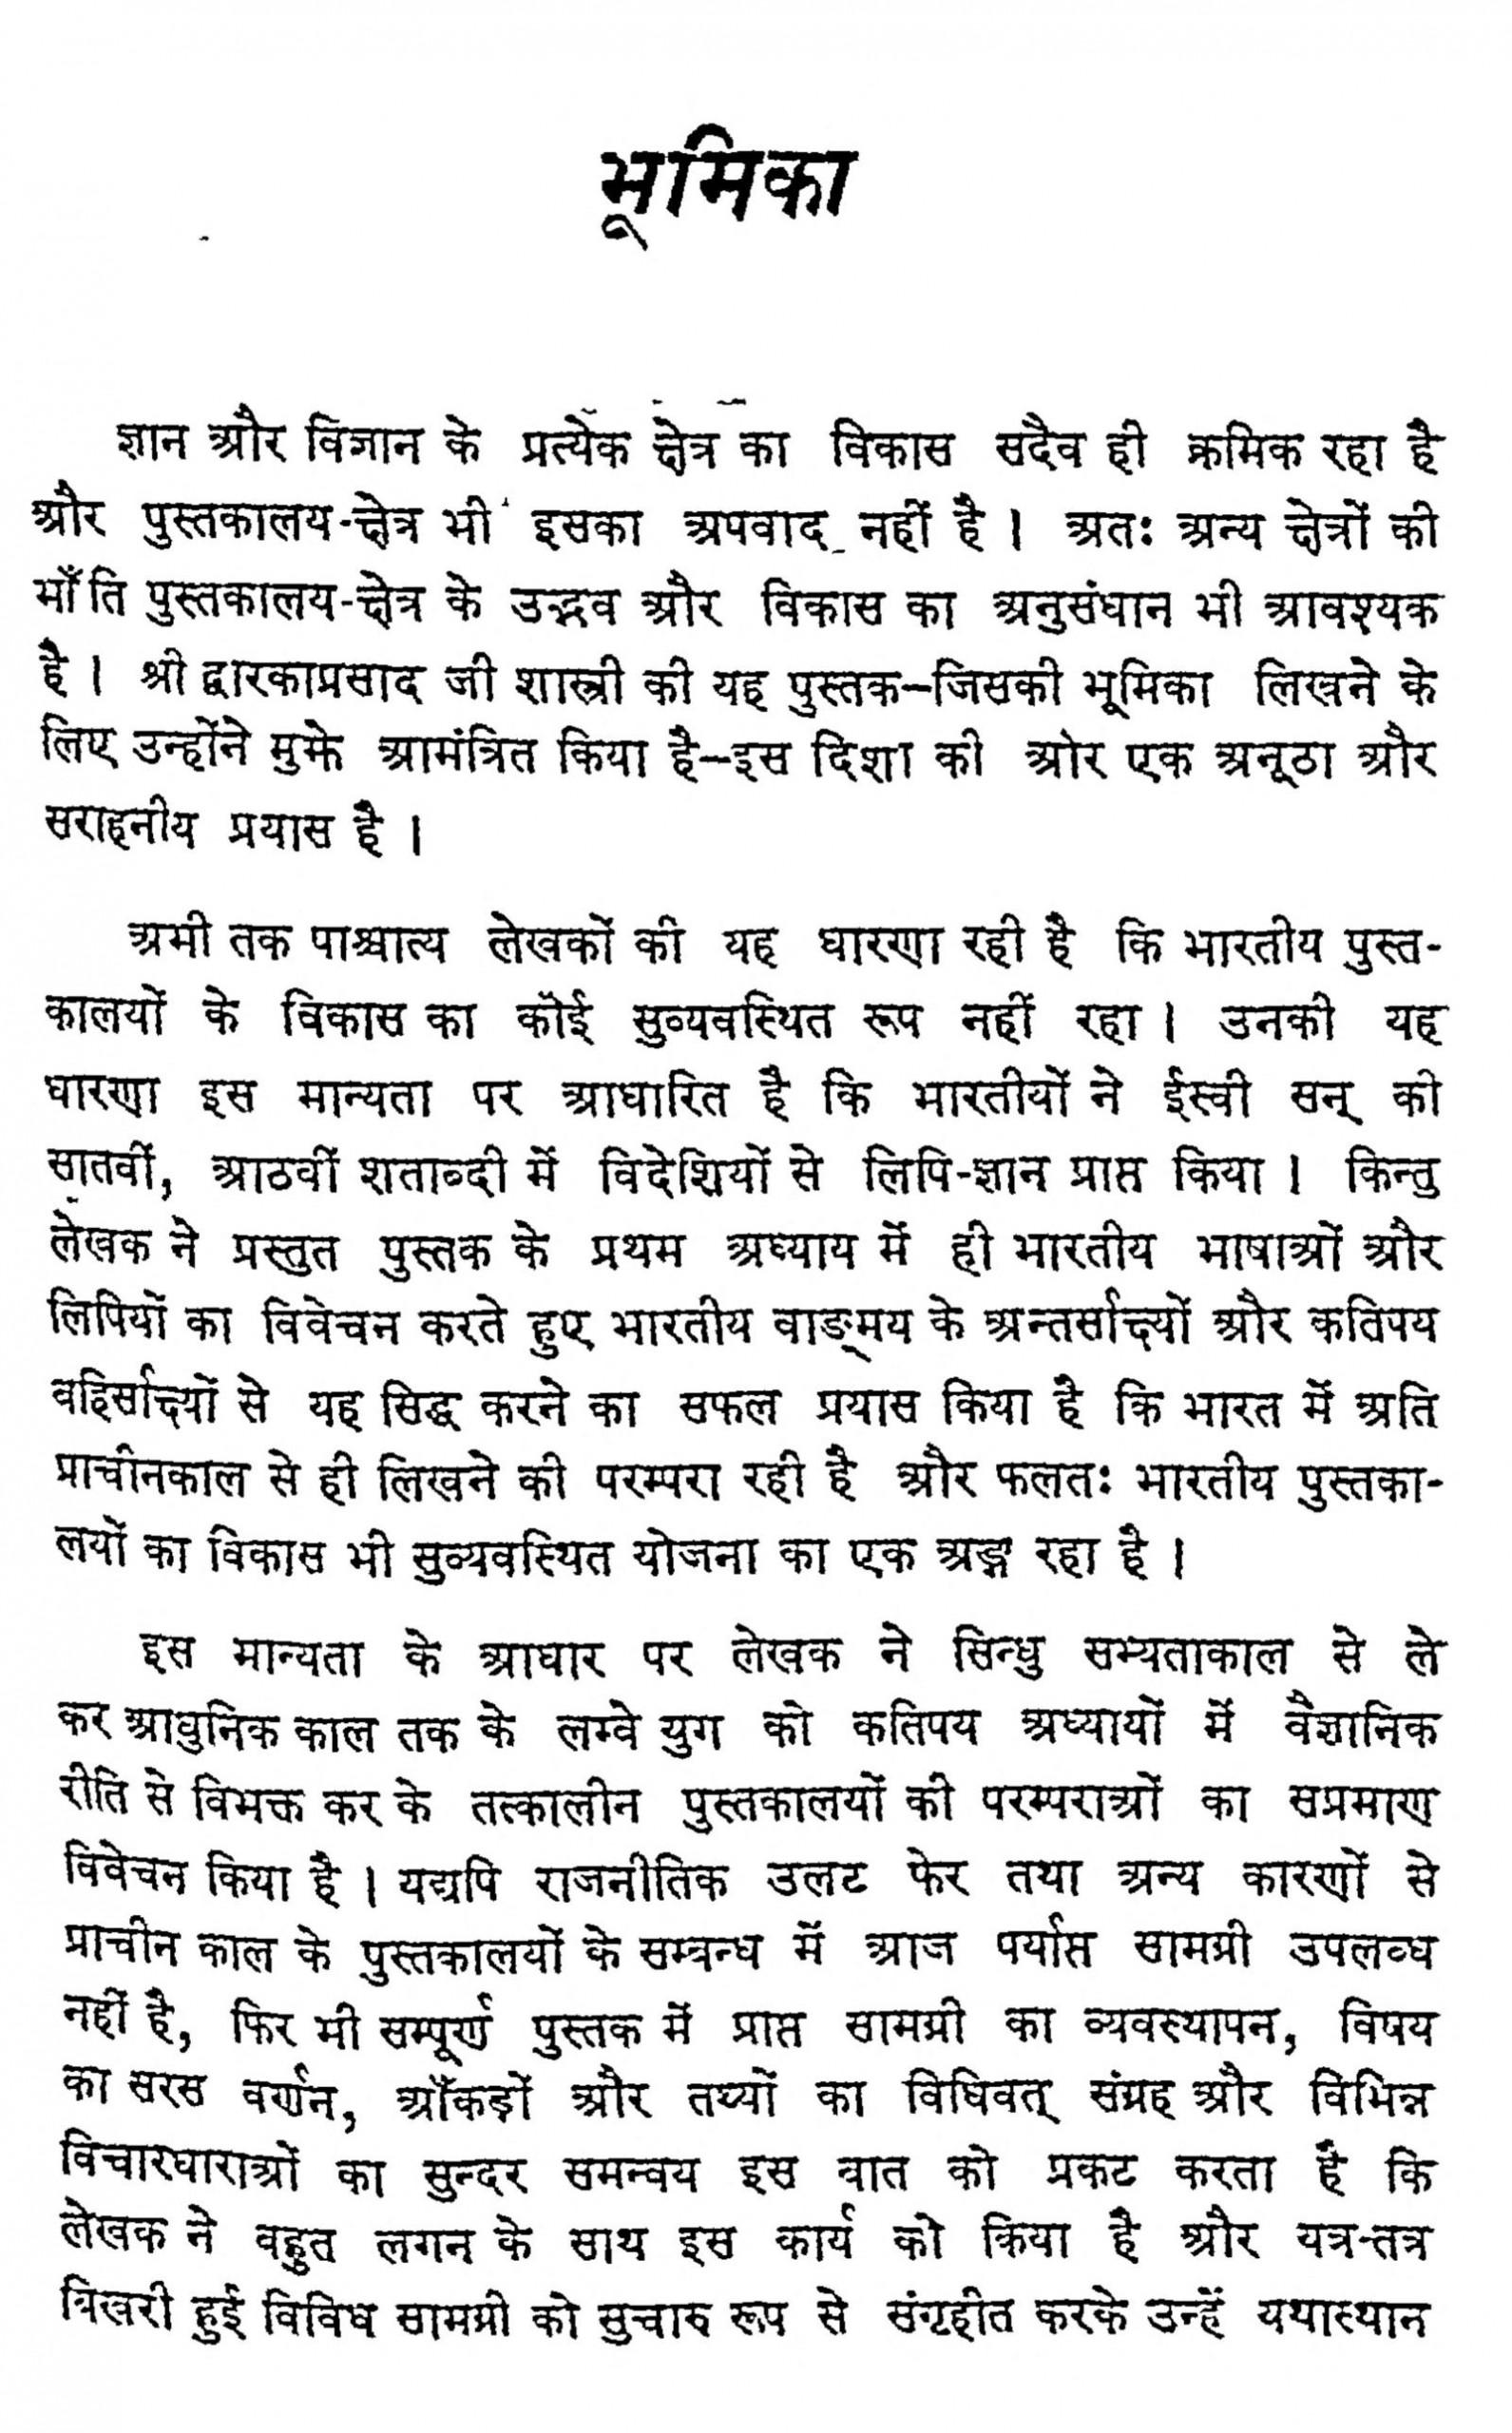 Bharat Me Pustakalyo Ka Udhbhav Aur Vikash by द्वारकाप्रसाद शास्त्री - Dwarkaprasad Shastri